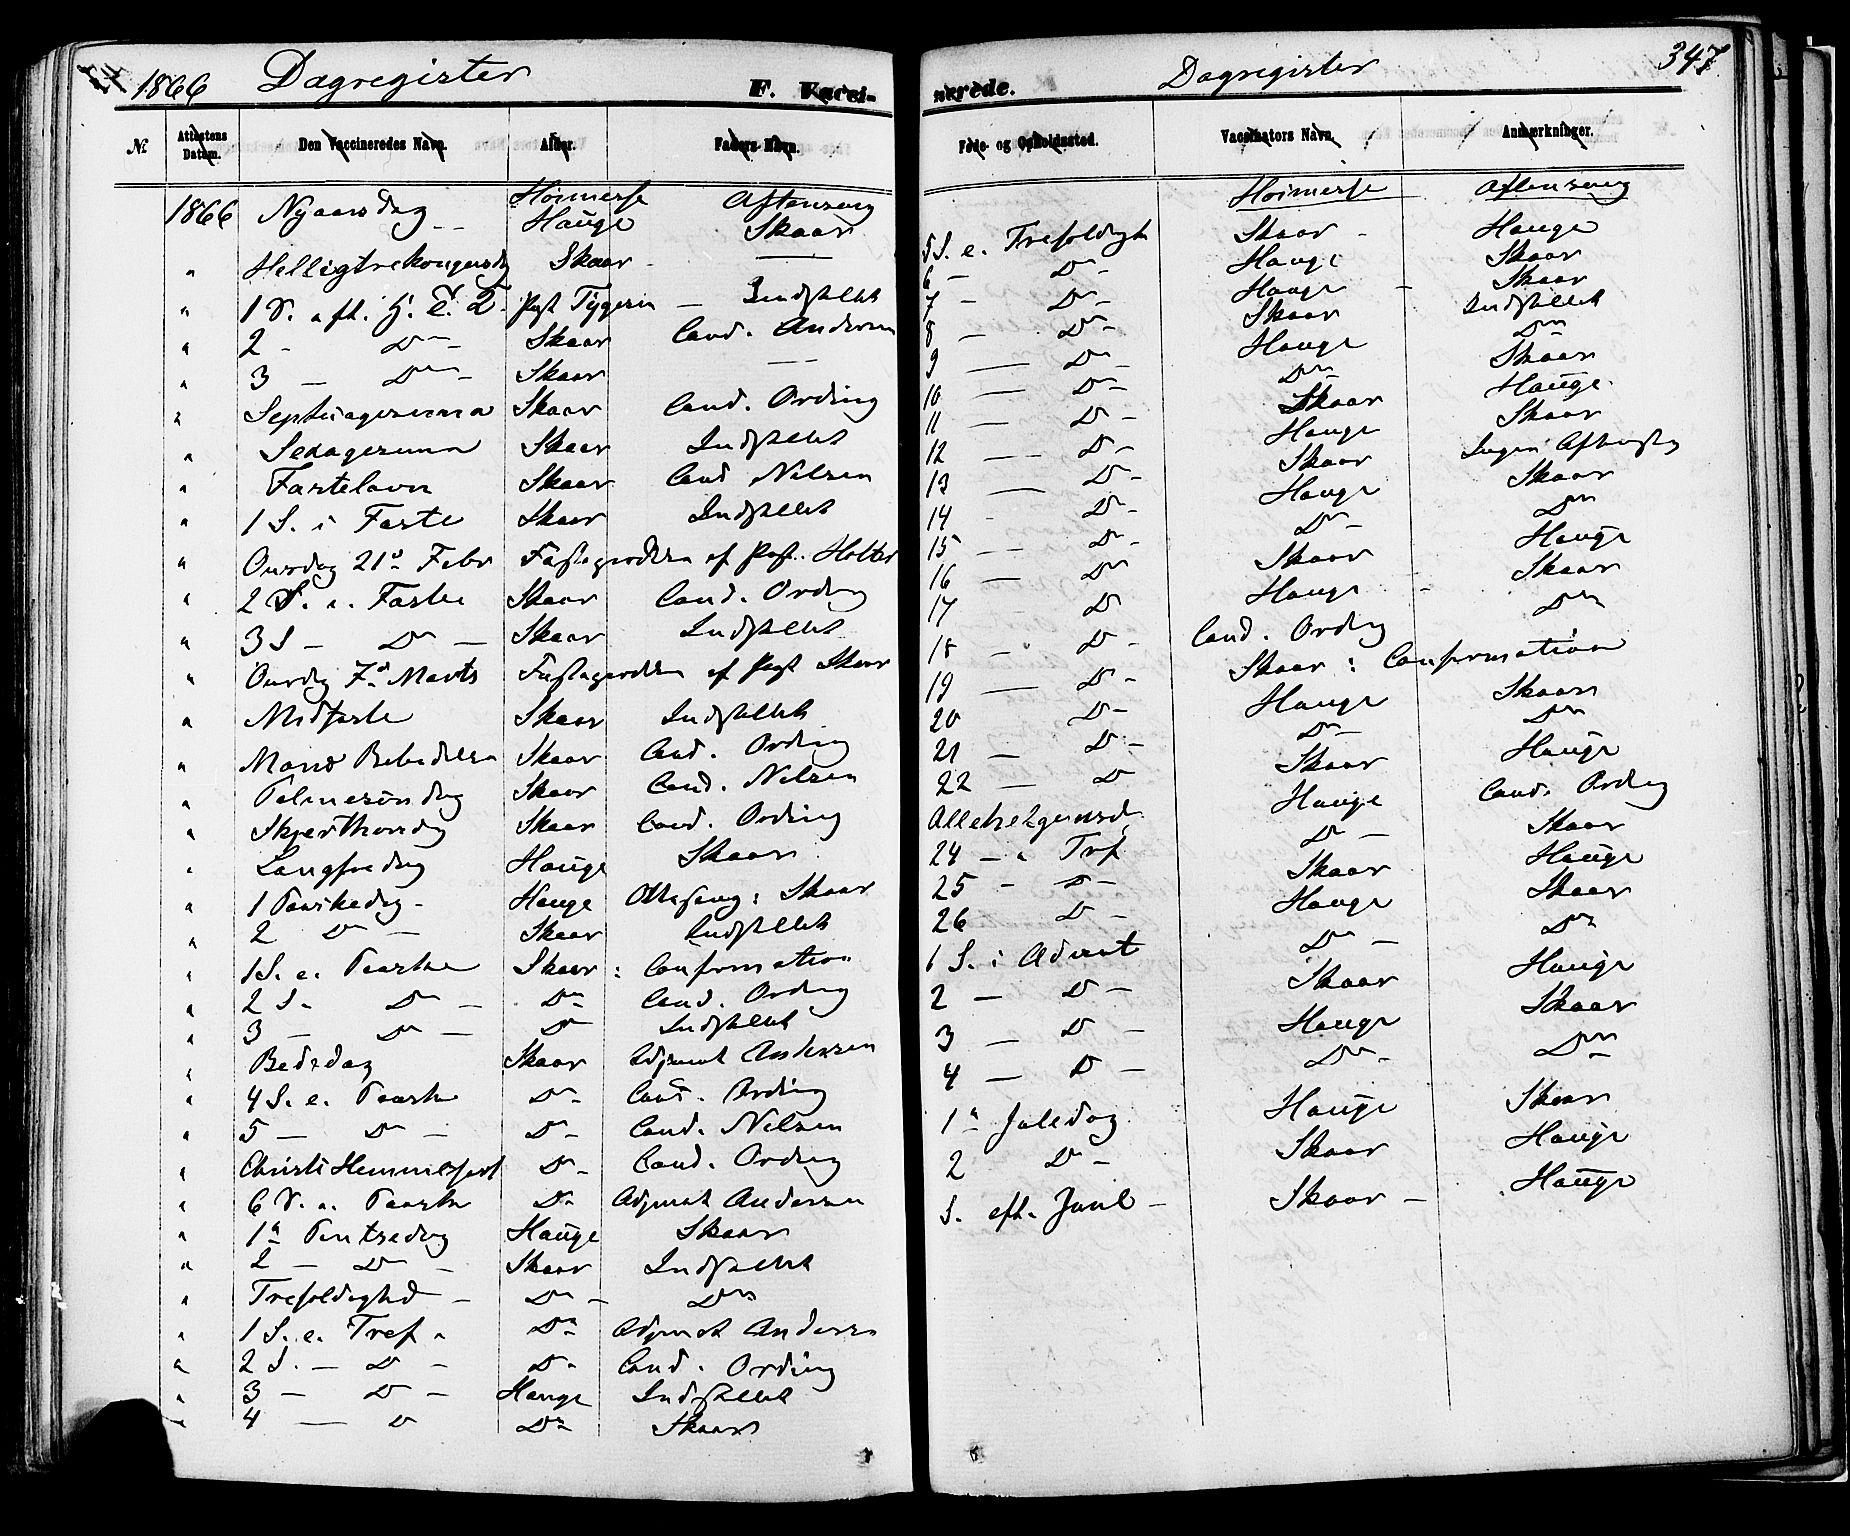 SAKO, Skien kirkebøker, F/Fa/L0008: Ministerialbok nr. 8, 1866-1877, s. 347